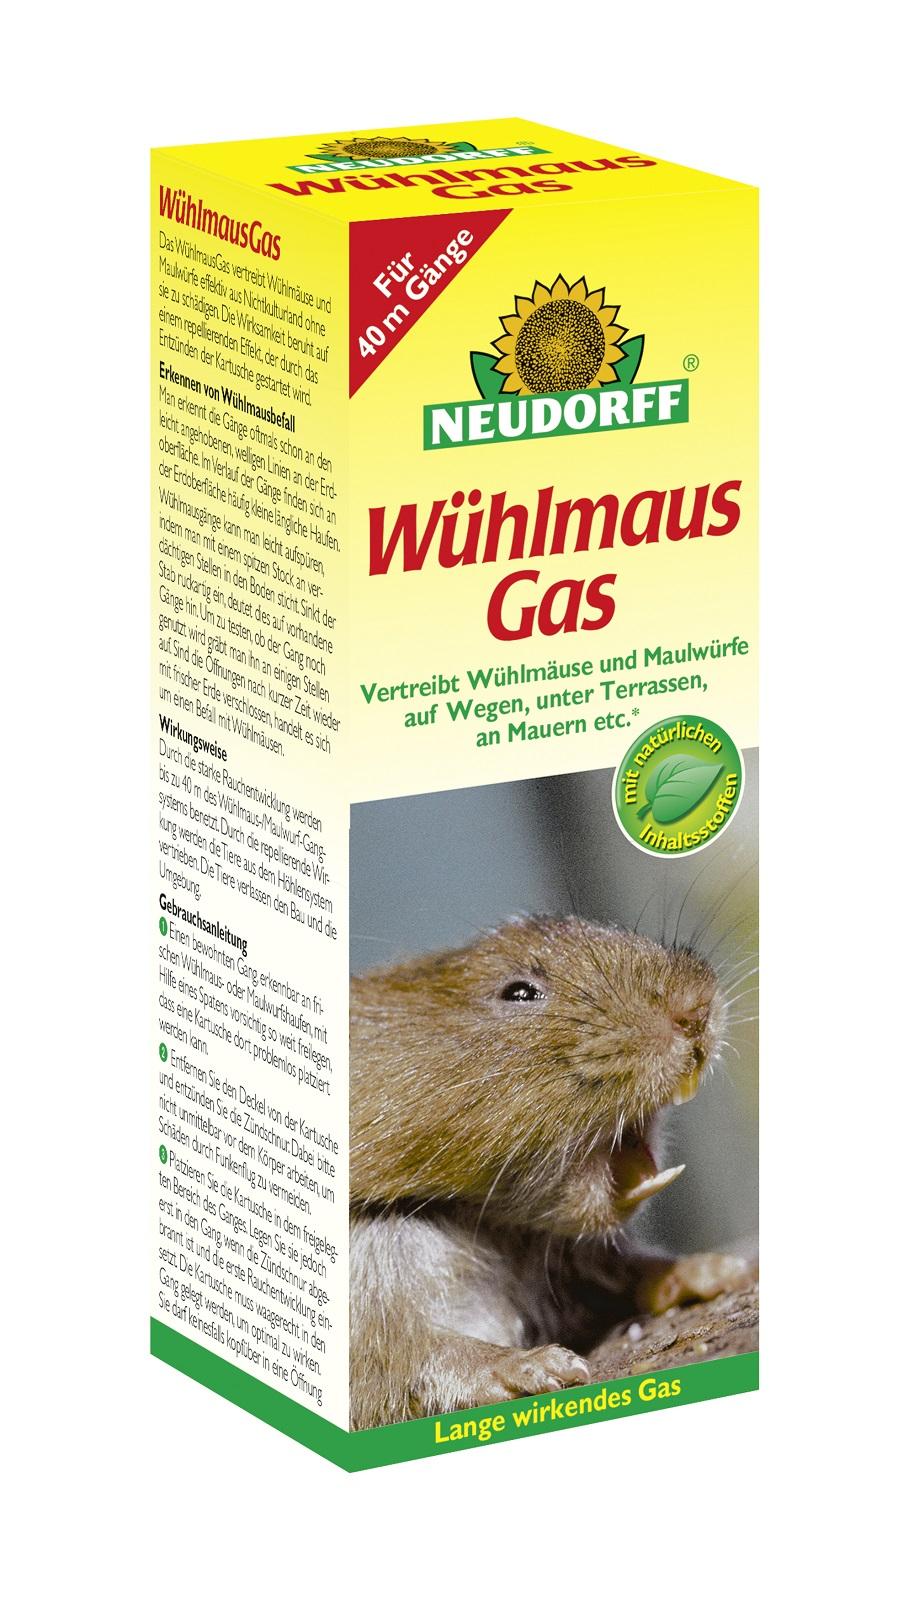 Neudorff Wühlmaus Gas 2 Kartuschen